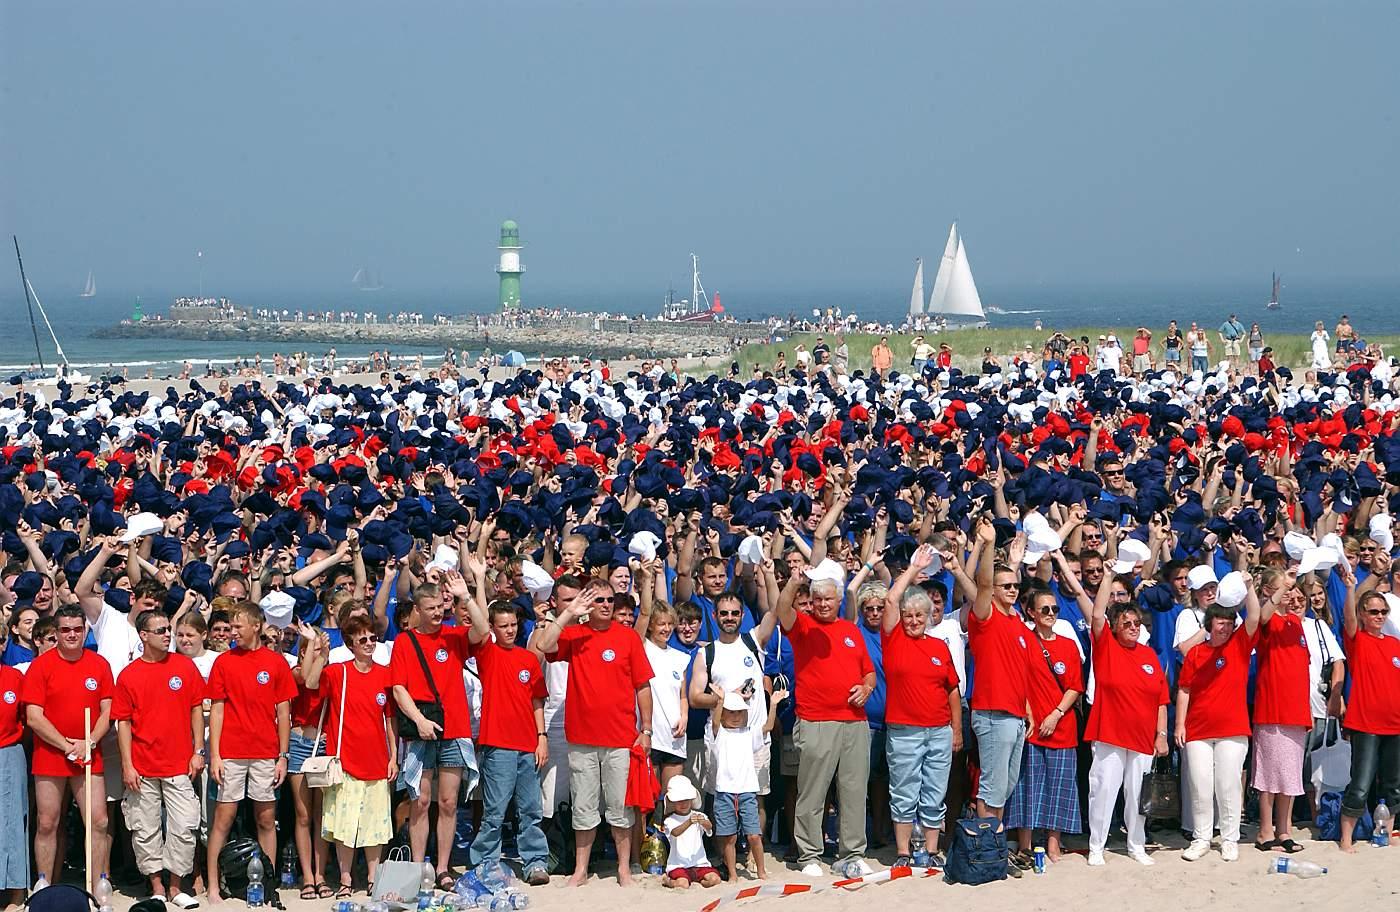 Dabei sein zählt: Blaue, weiße und rote T-Shirts repräsentieren die Rostocker Farben. Foto: Joachim Kloock